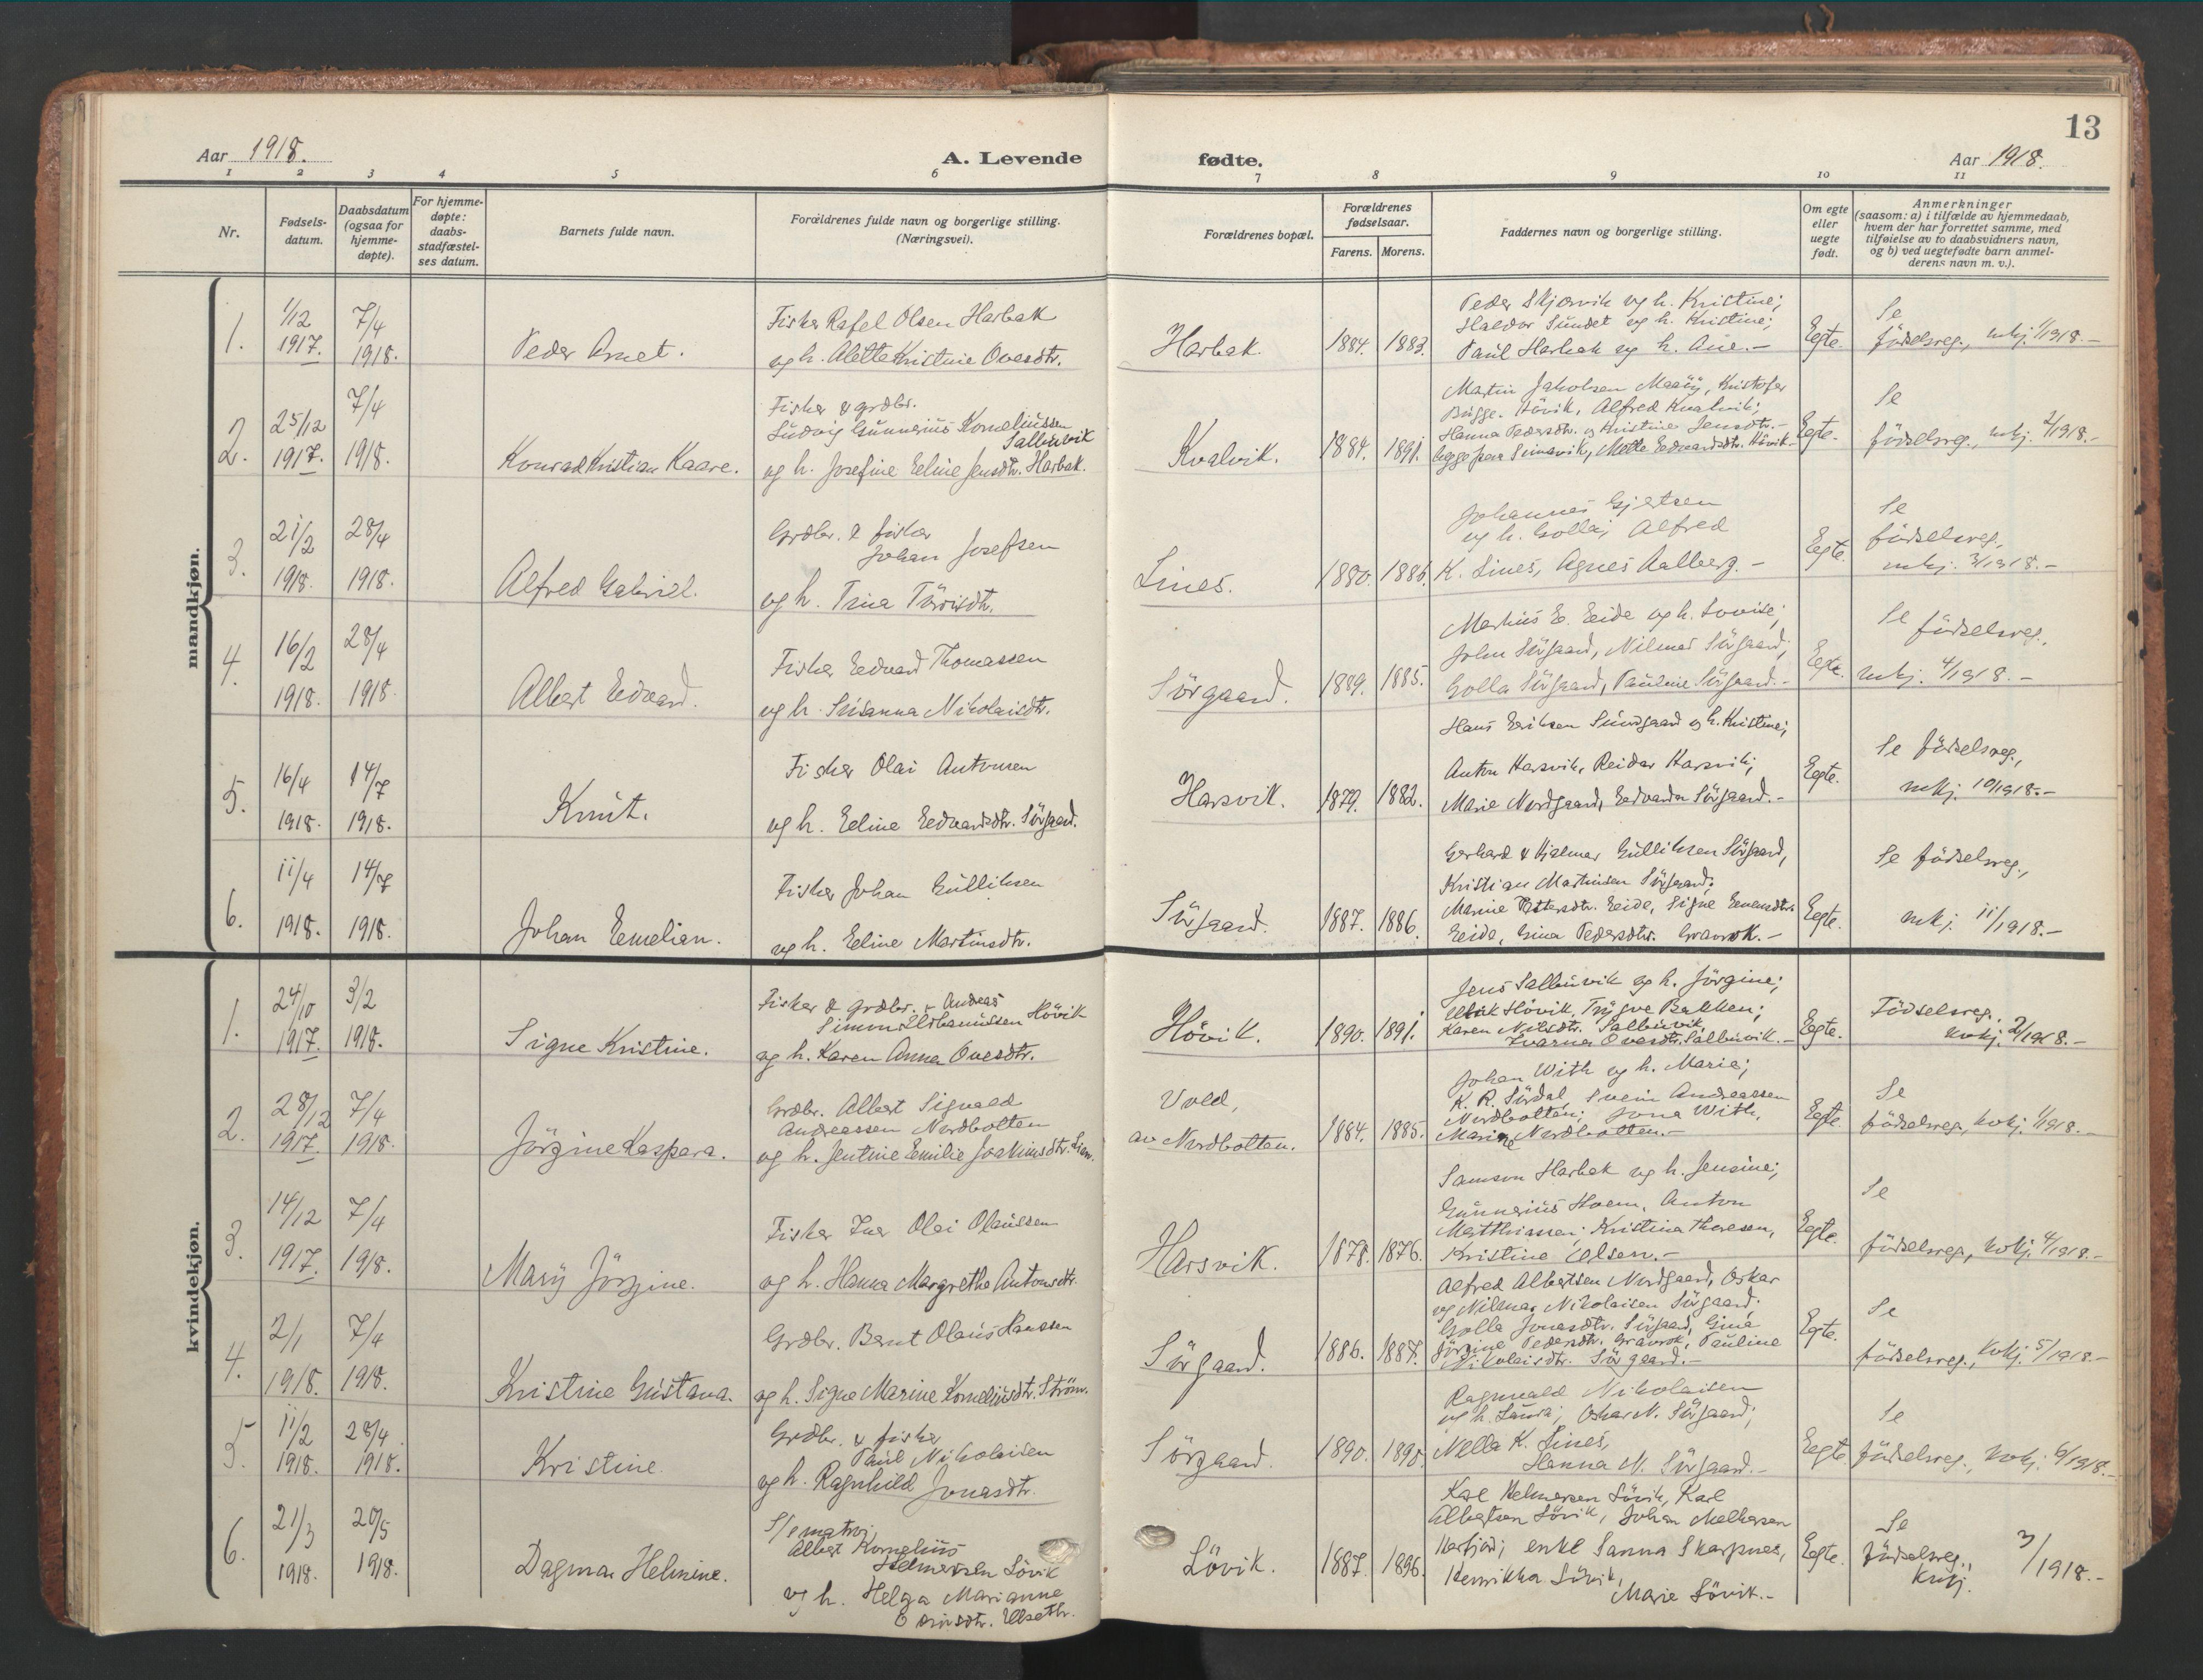 SAT, Ministerialprotokoller, klokkerbøker og fødselsregistre - Sør-Trøndelag, 656/L0694: Ministerialbok nr. 656A03, 1914-1931, s. 13